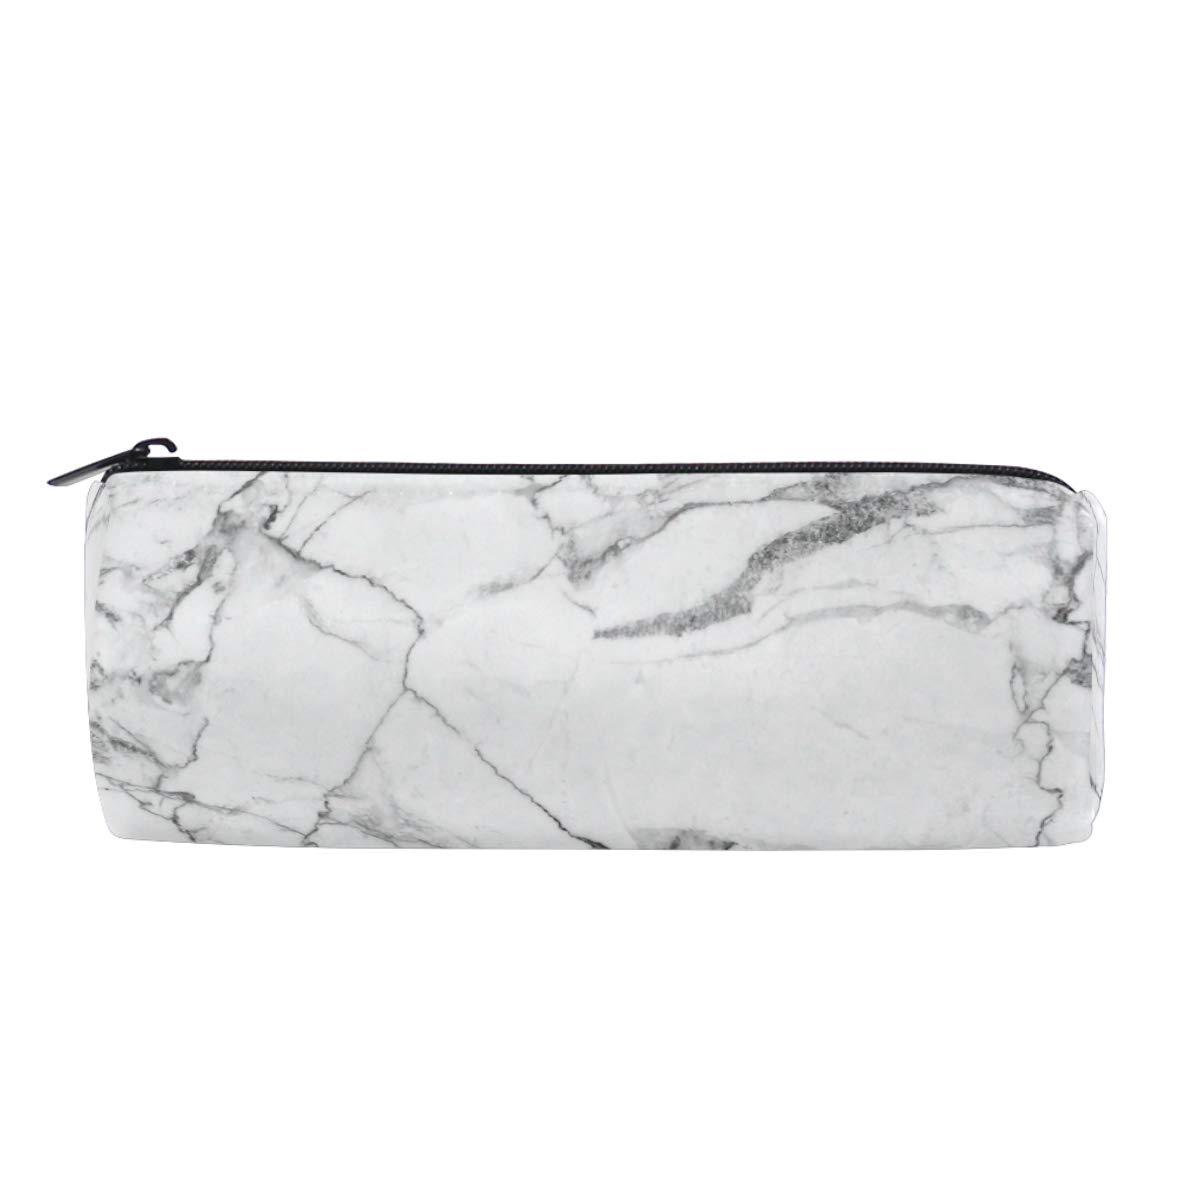 Wamika - Estuche para lápices, color blanco y negro con textura de piedra de mármol, bolsa de maquillaje, bolsa de cosméticos, caja organizadora de suministros de oficina: Amazon.es: Oficina y papelería